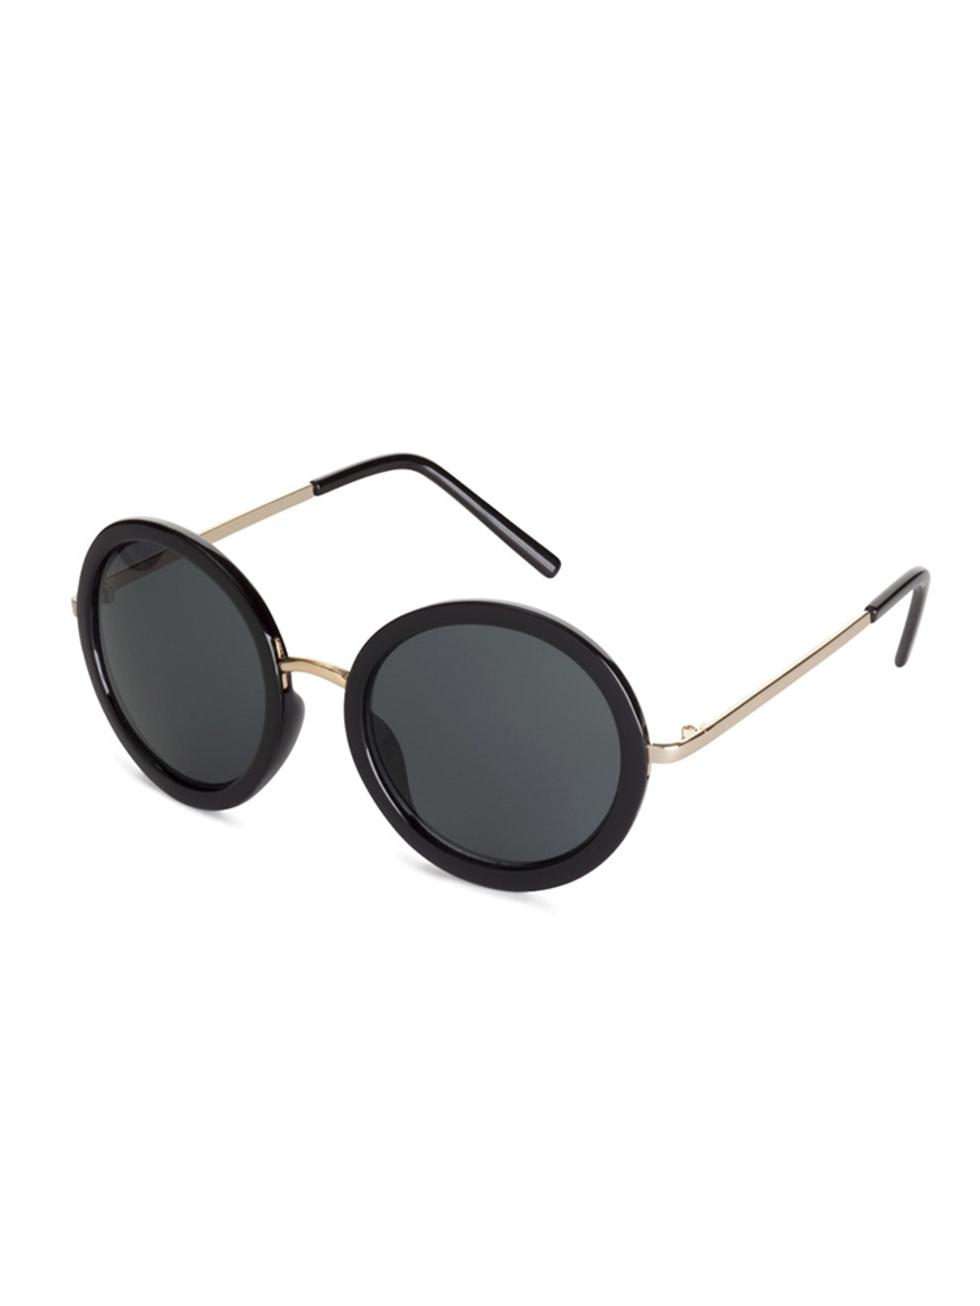 H M Sunglasses Uk  elle edits sunglasses